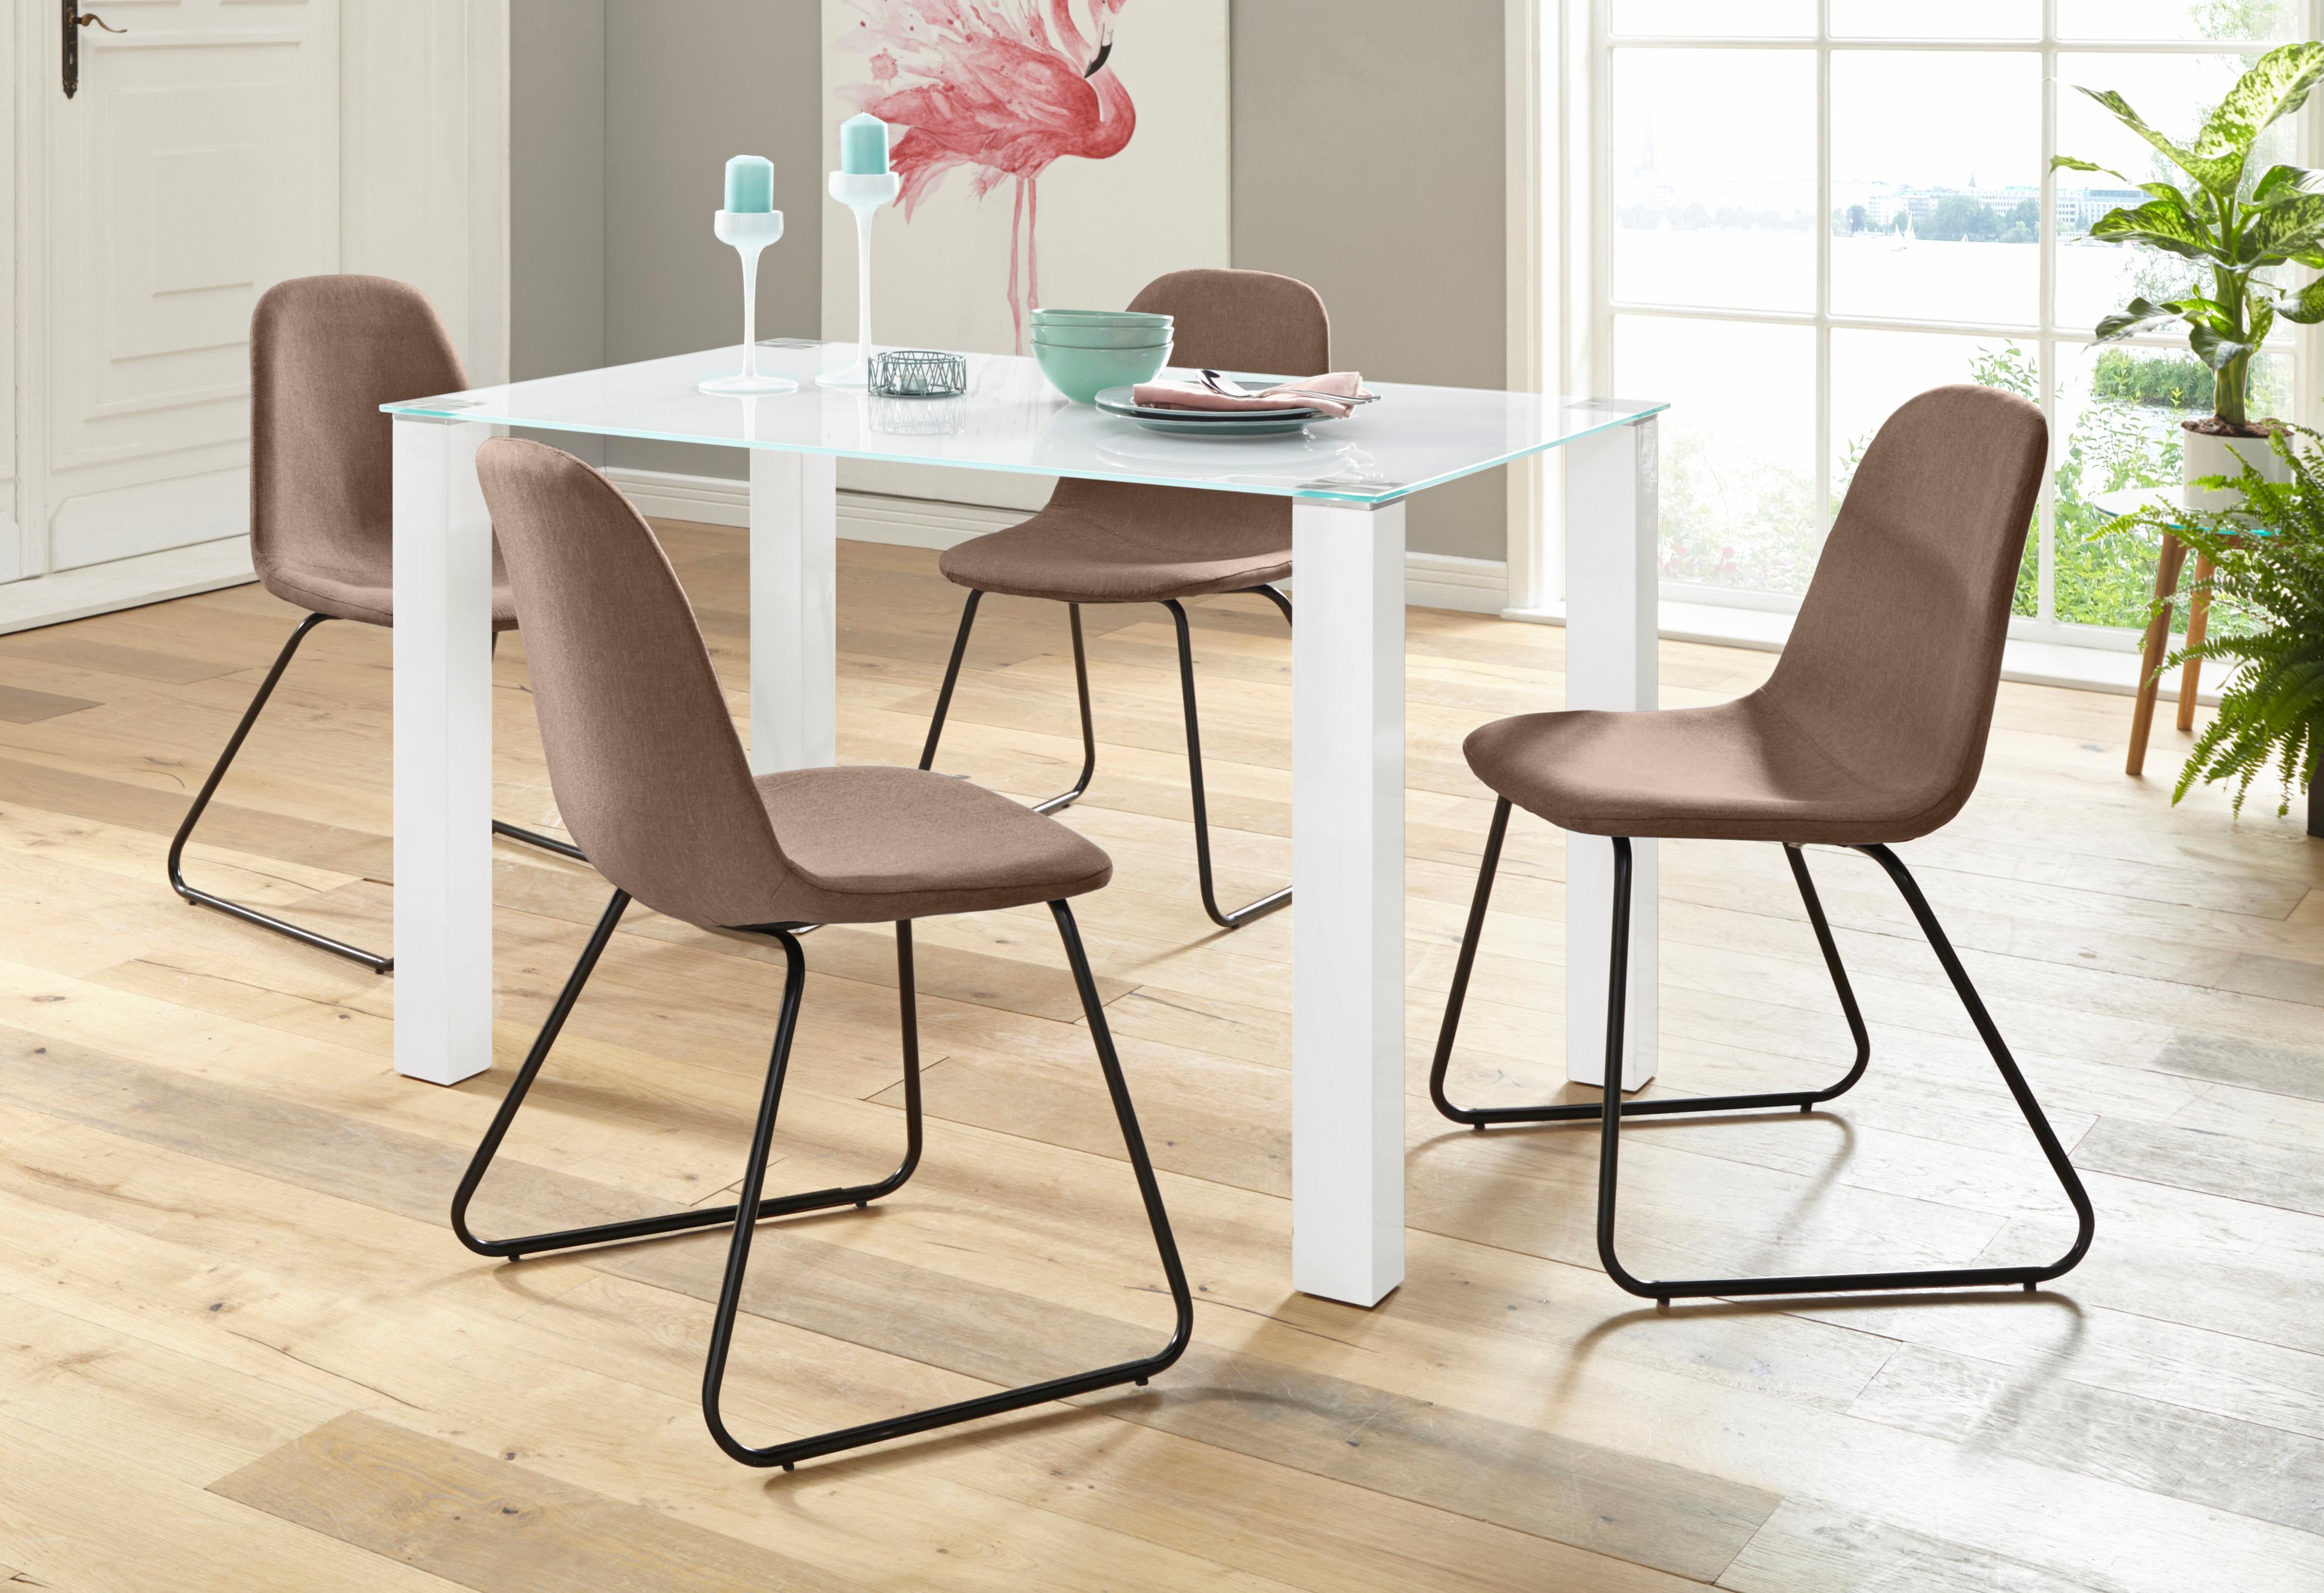 Quelle Glastische Online Kaufen Möbel Suchmaschine Ladendirektde